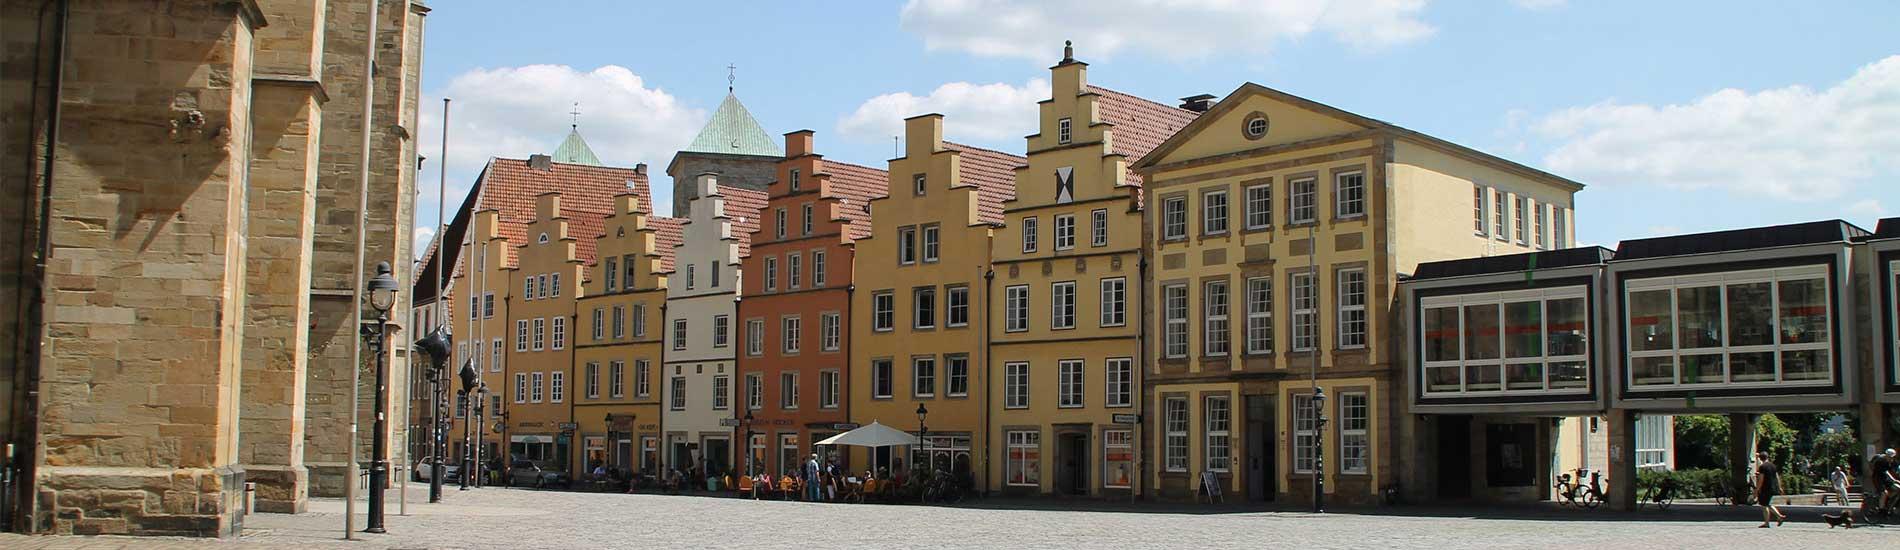 OsnabrückGezi Rehberi